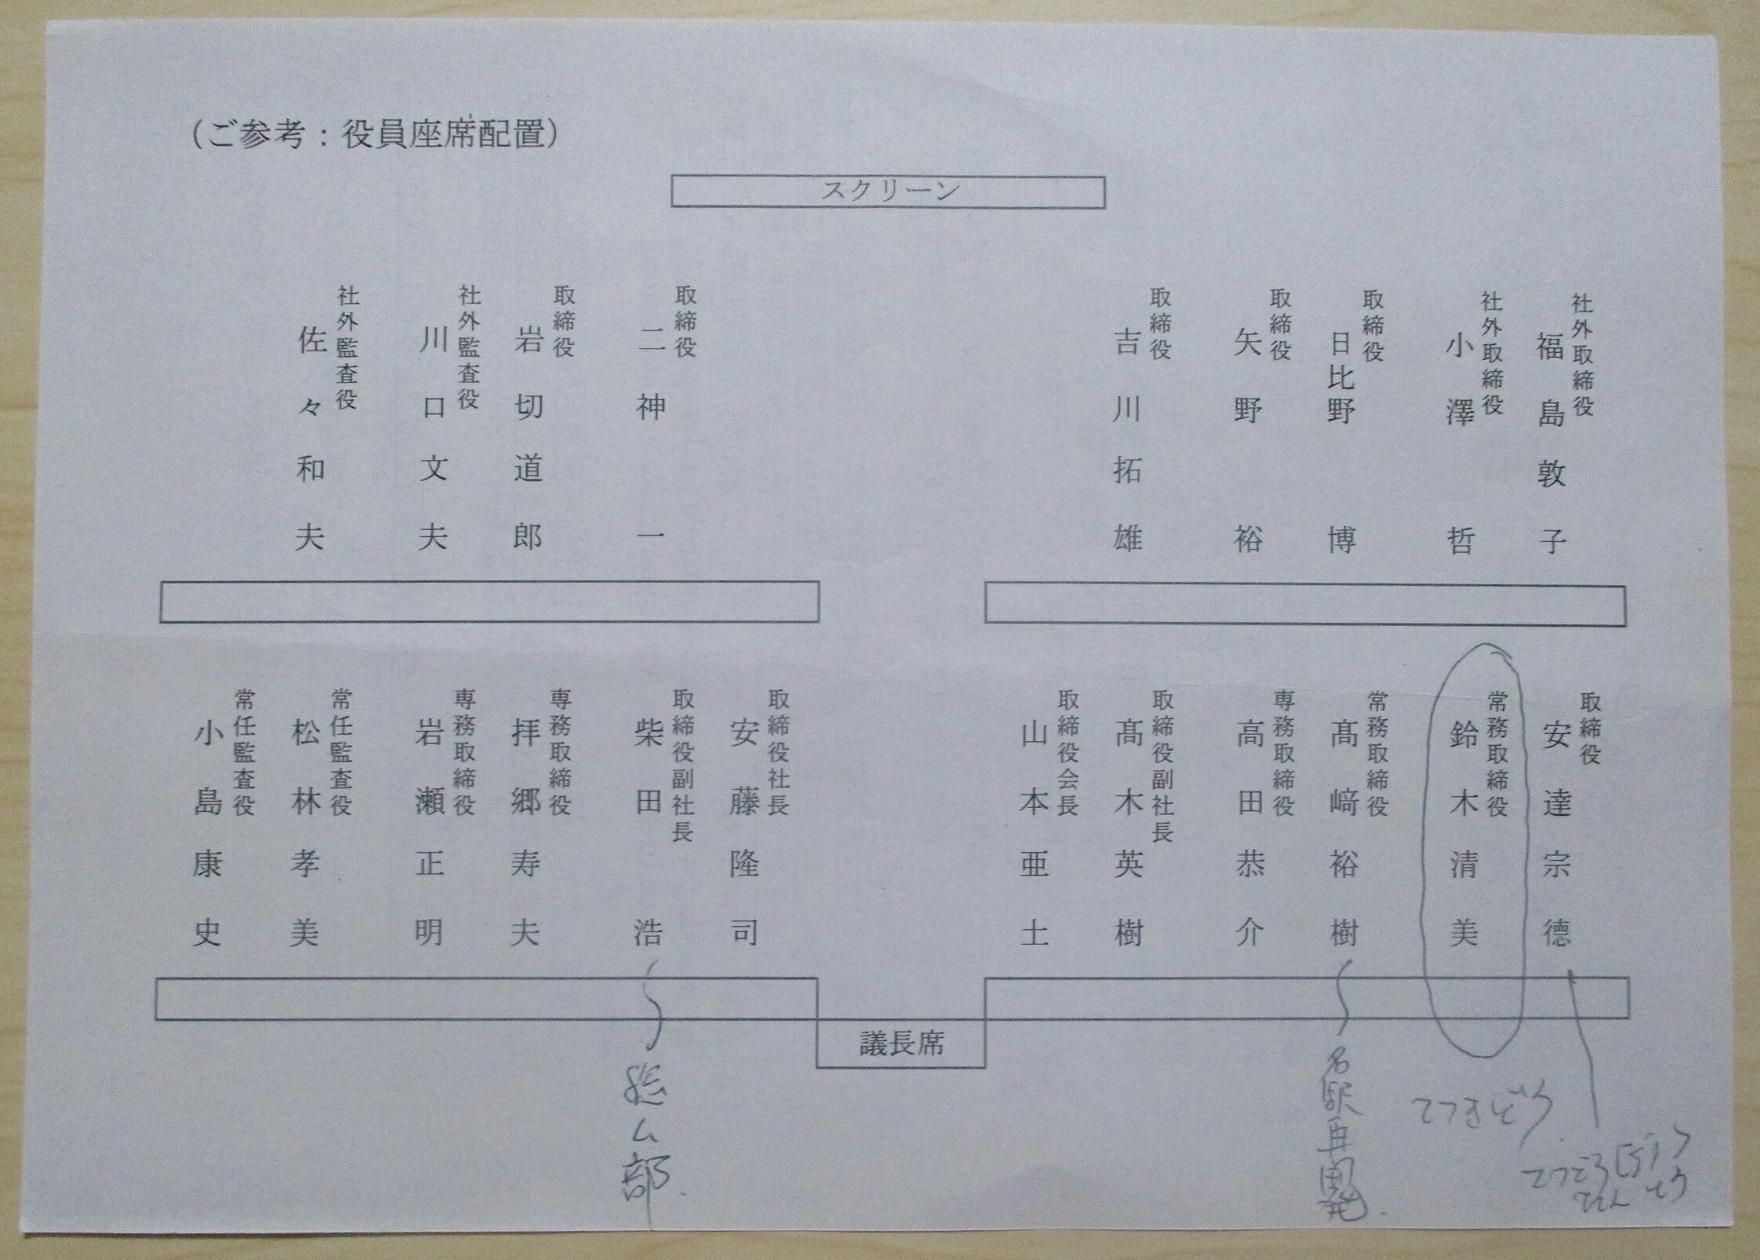 2018.6.27 名鉄かぶぬし総会 (1) 役員座席配置 1760-1260